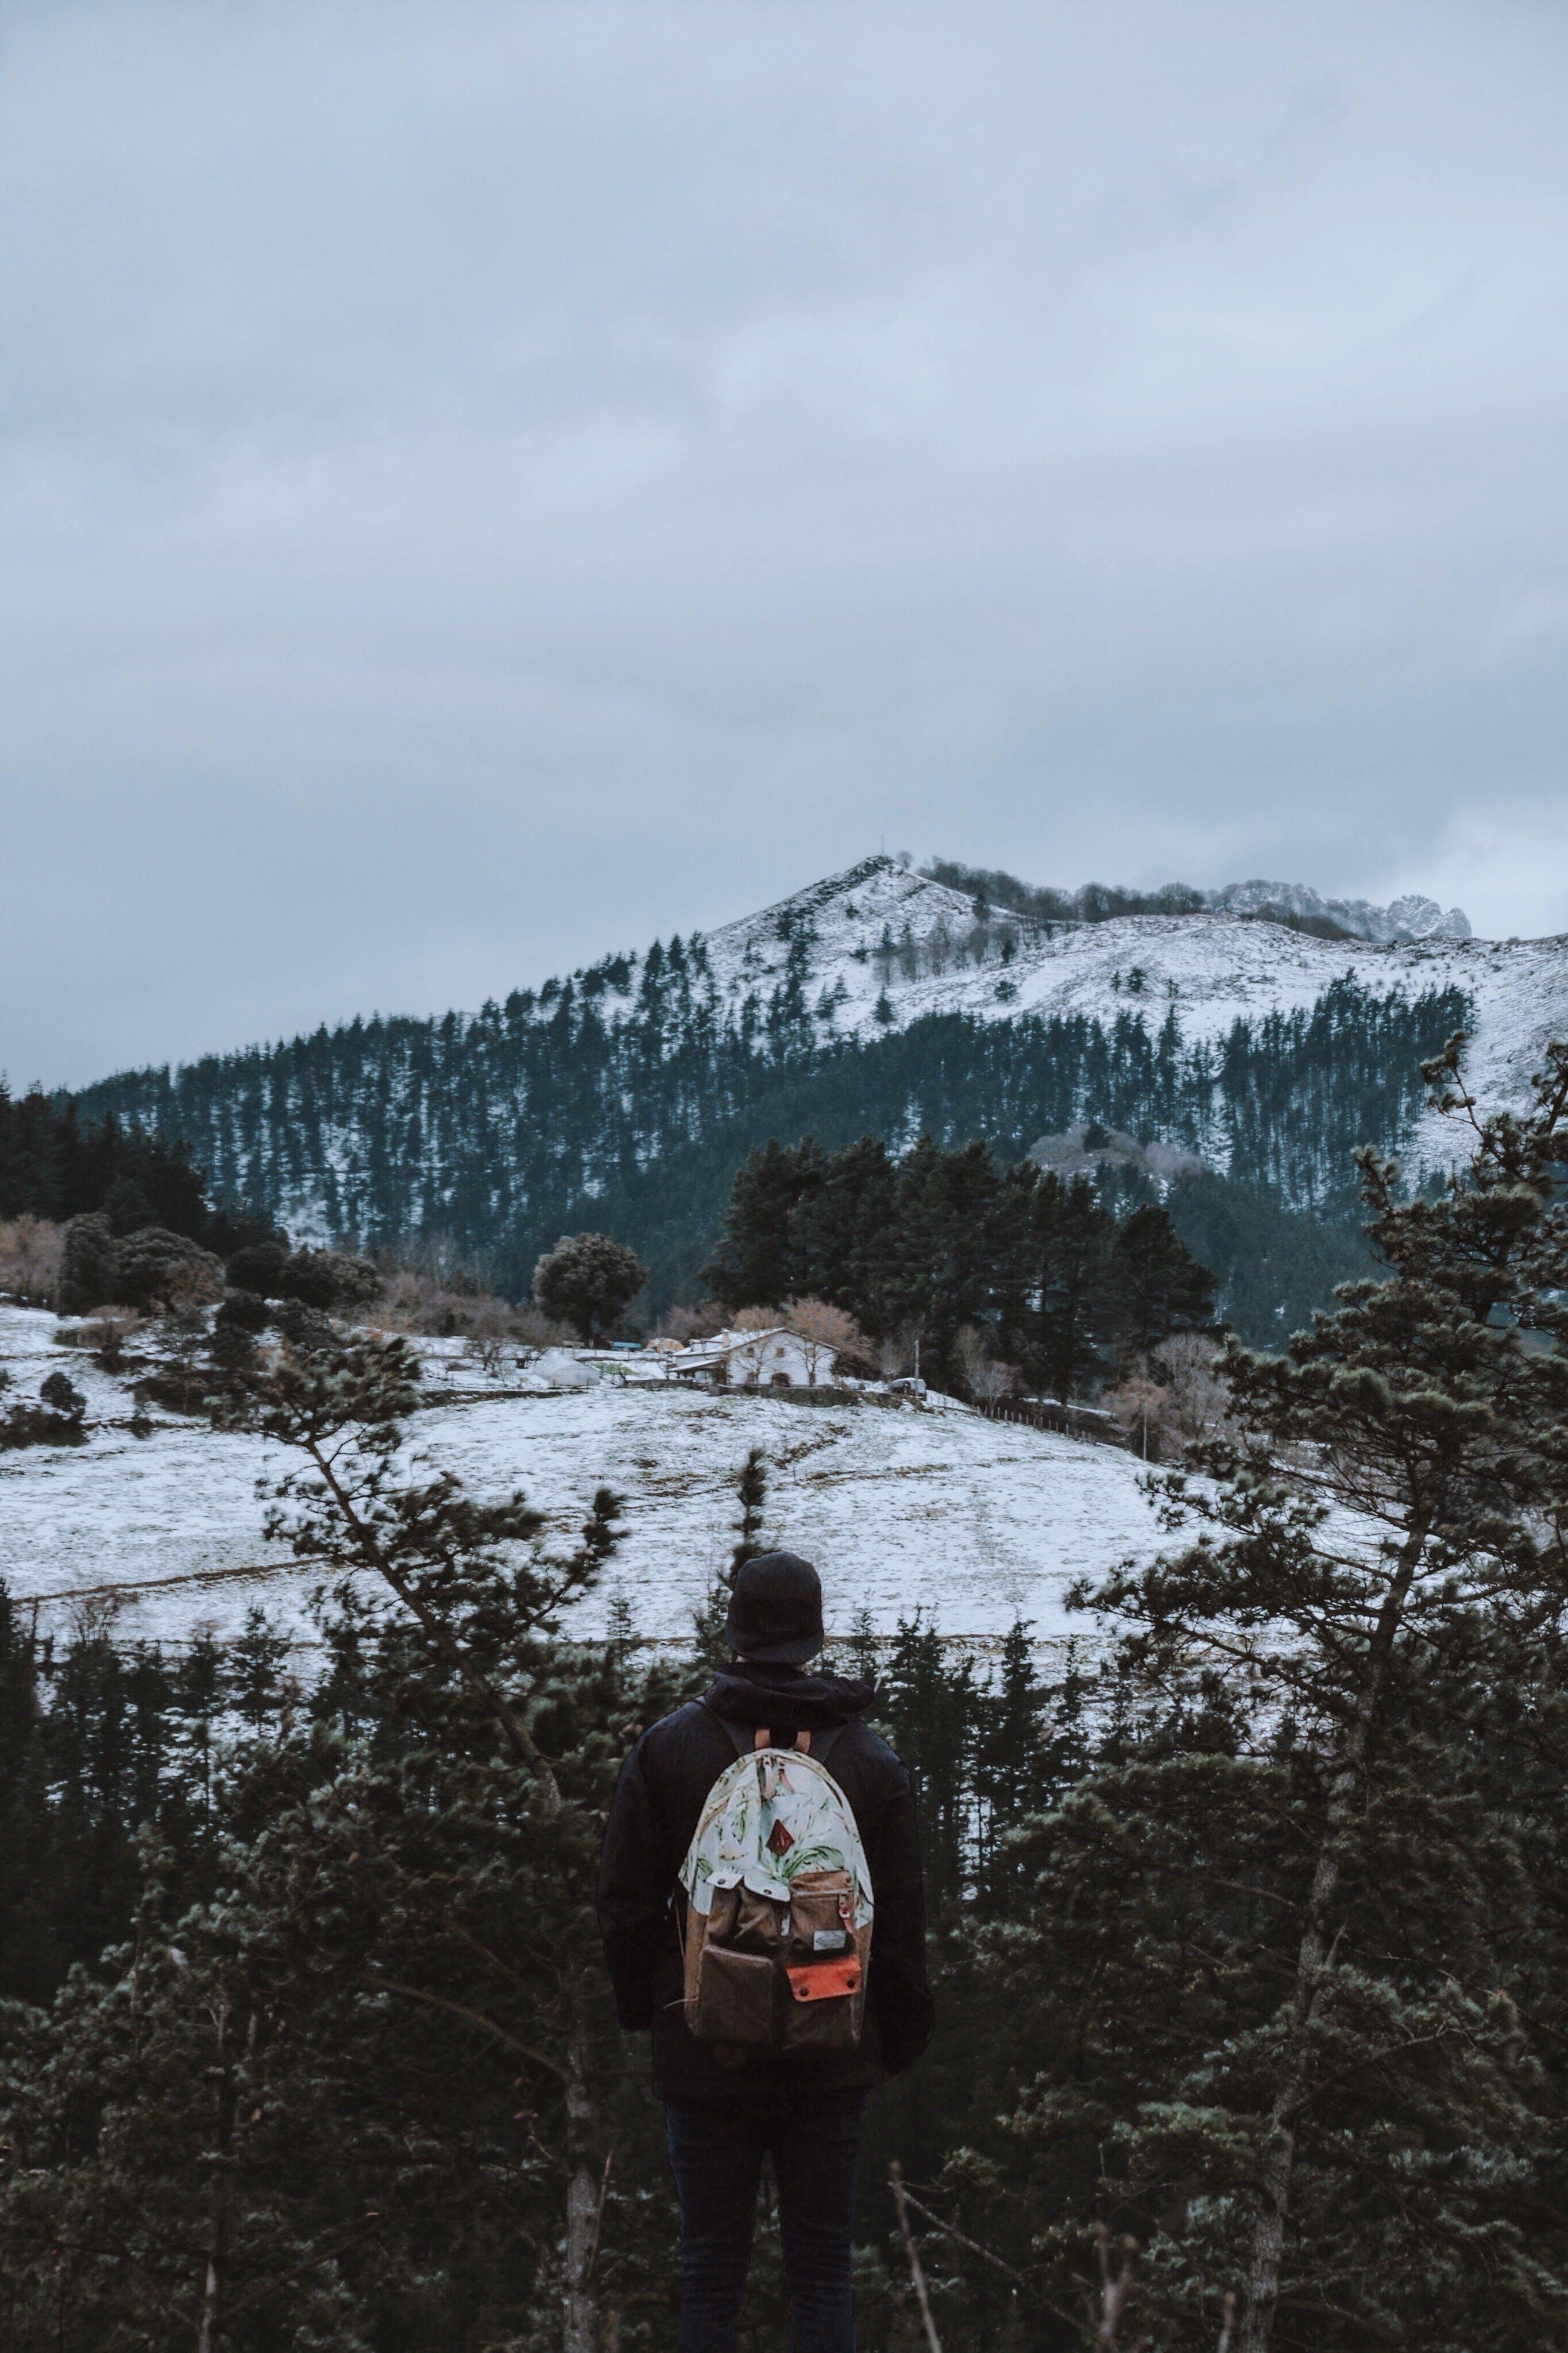 açık hava, ağaçlar, bulut, buz içeren Ücretsiz stok fotoğraf